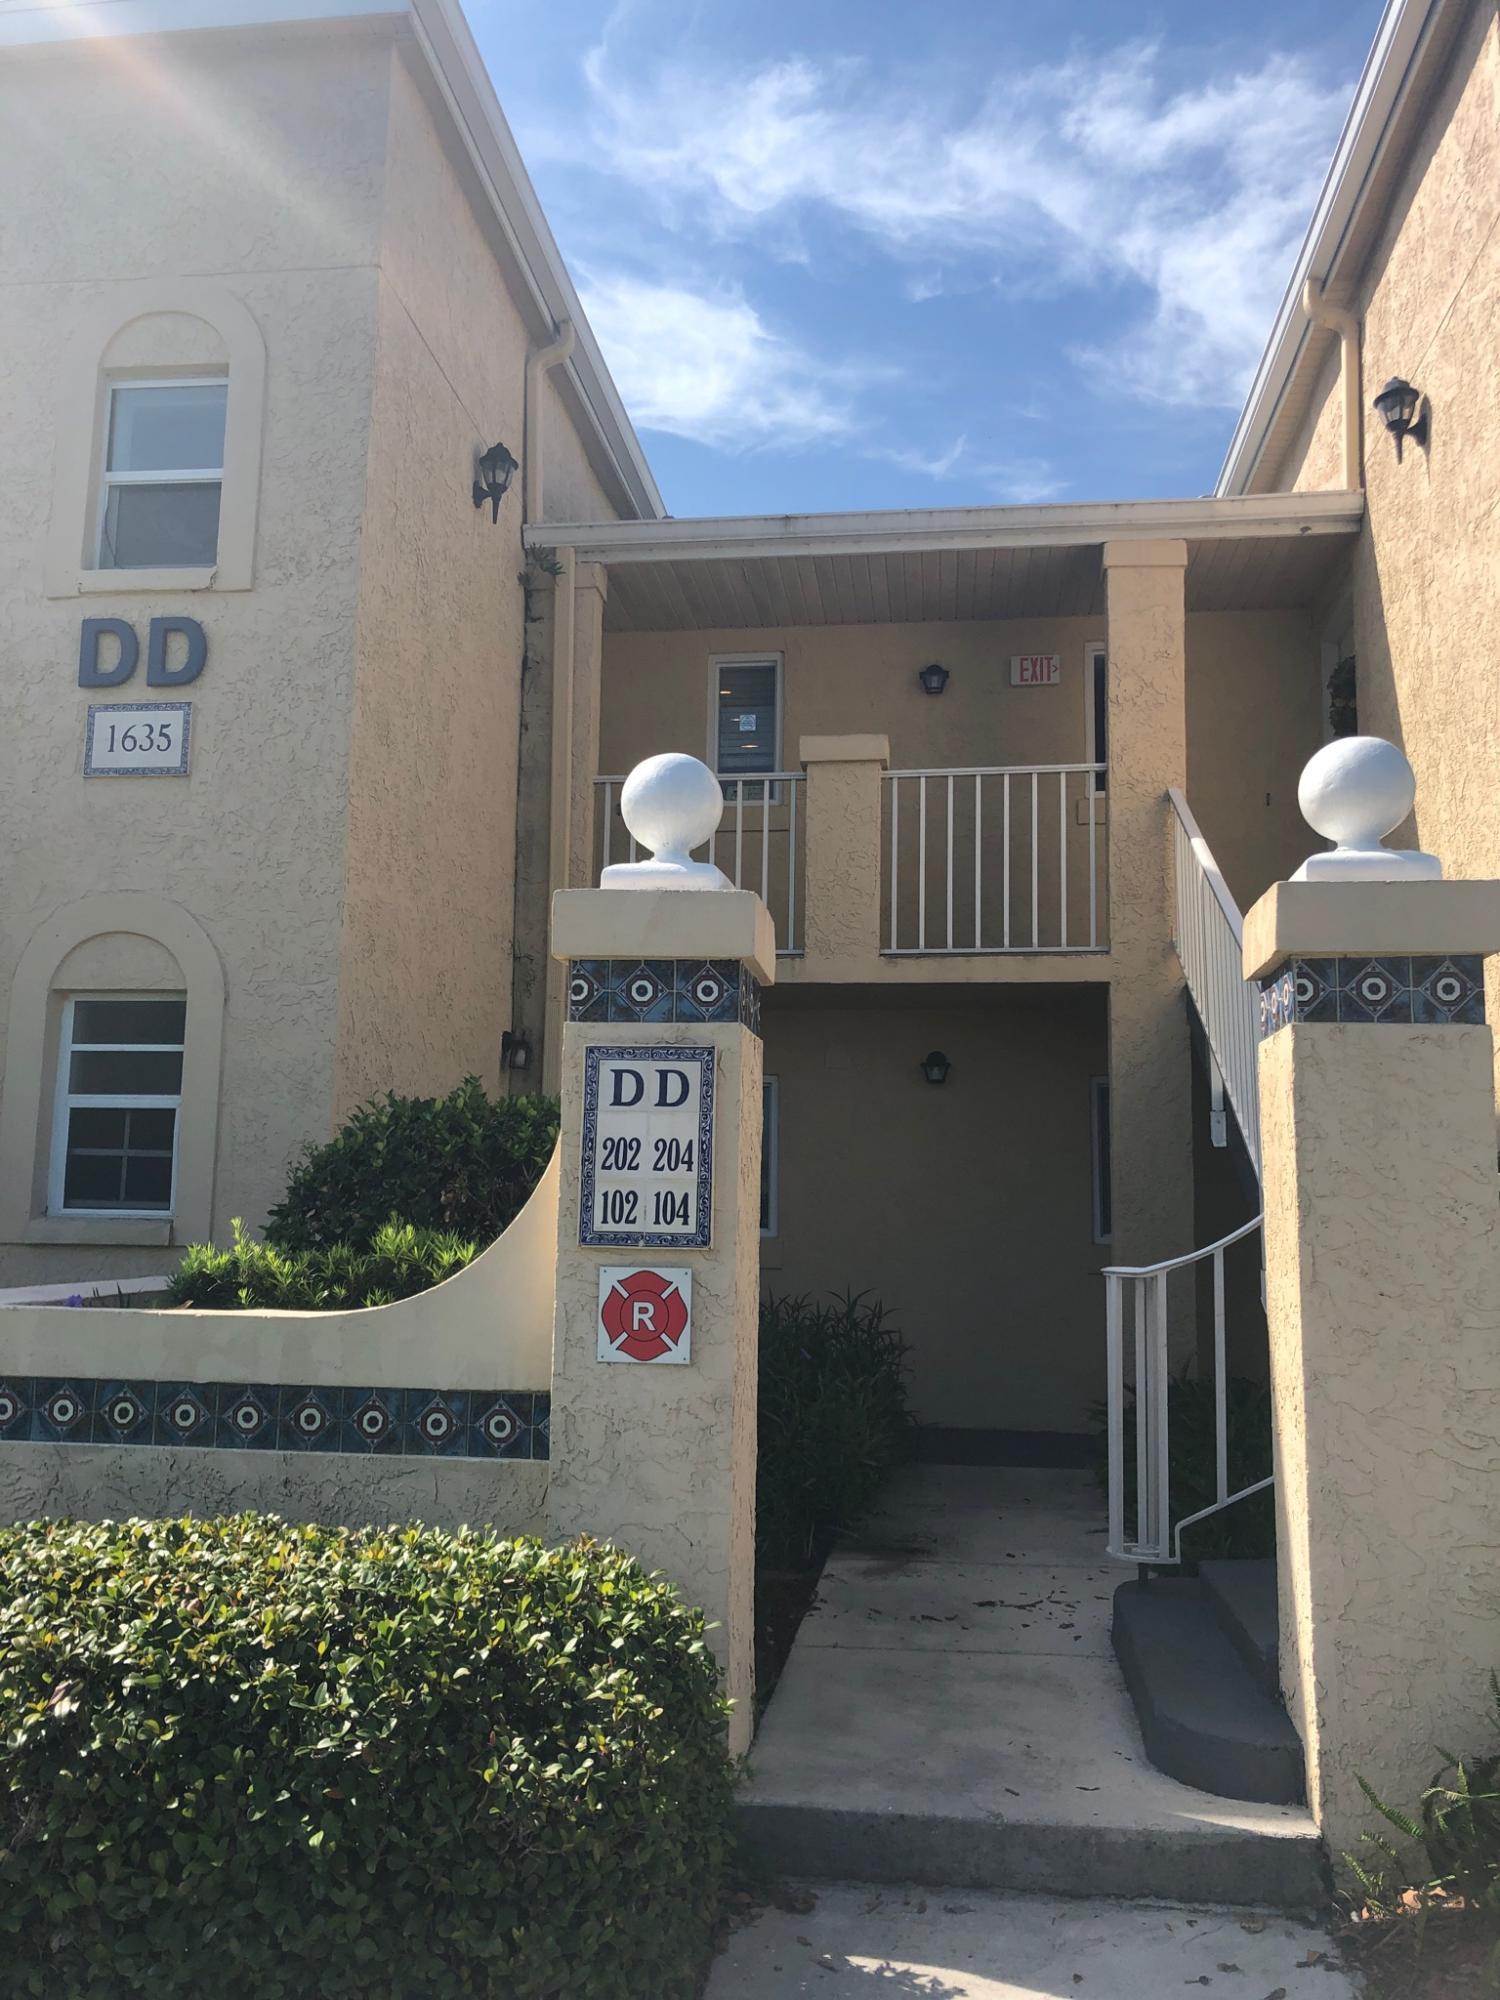 1635 SE Green Acres Unit 202, Port Saint Lucie, Florida 34952